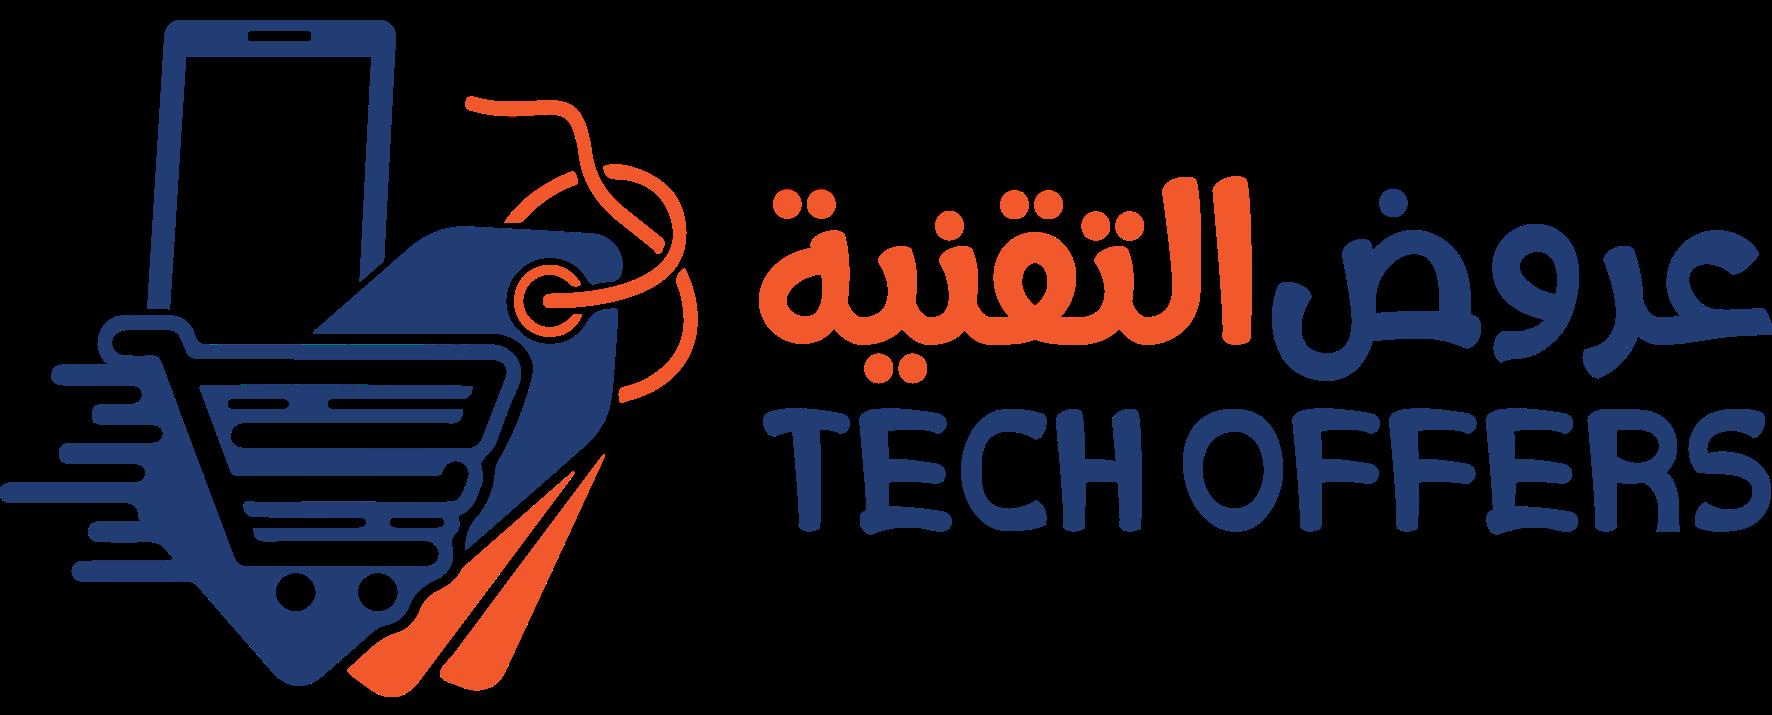 متجر عروض التقنية - TechOffers